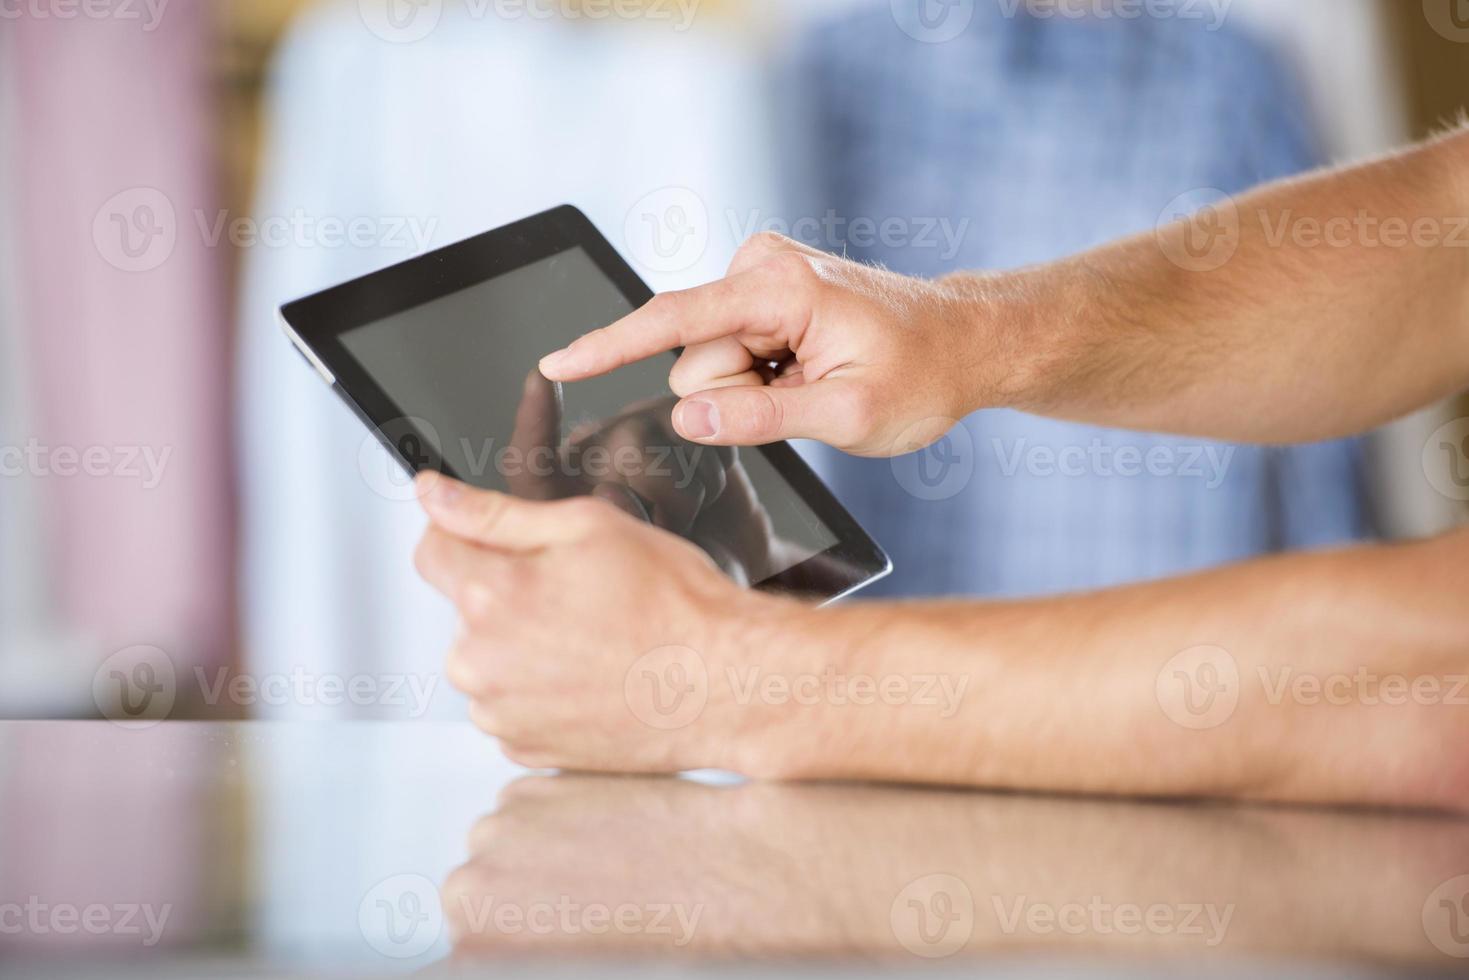 homem com tablet foto